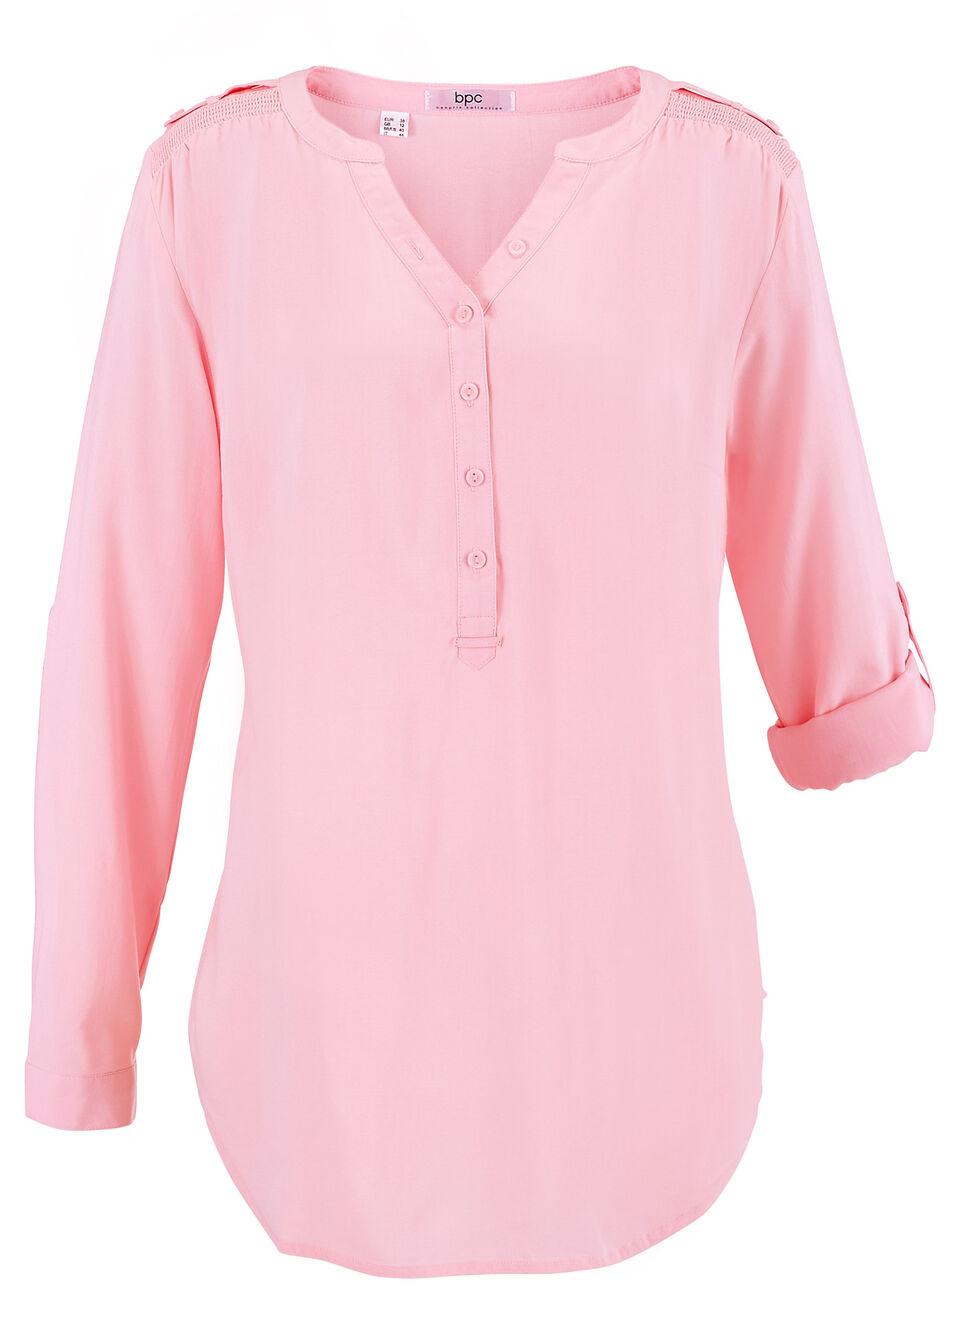 Купить Туника с длинным рукавом, bonprix, розовая пудра